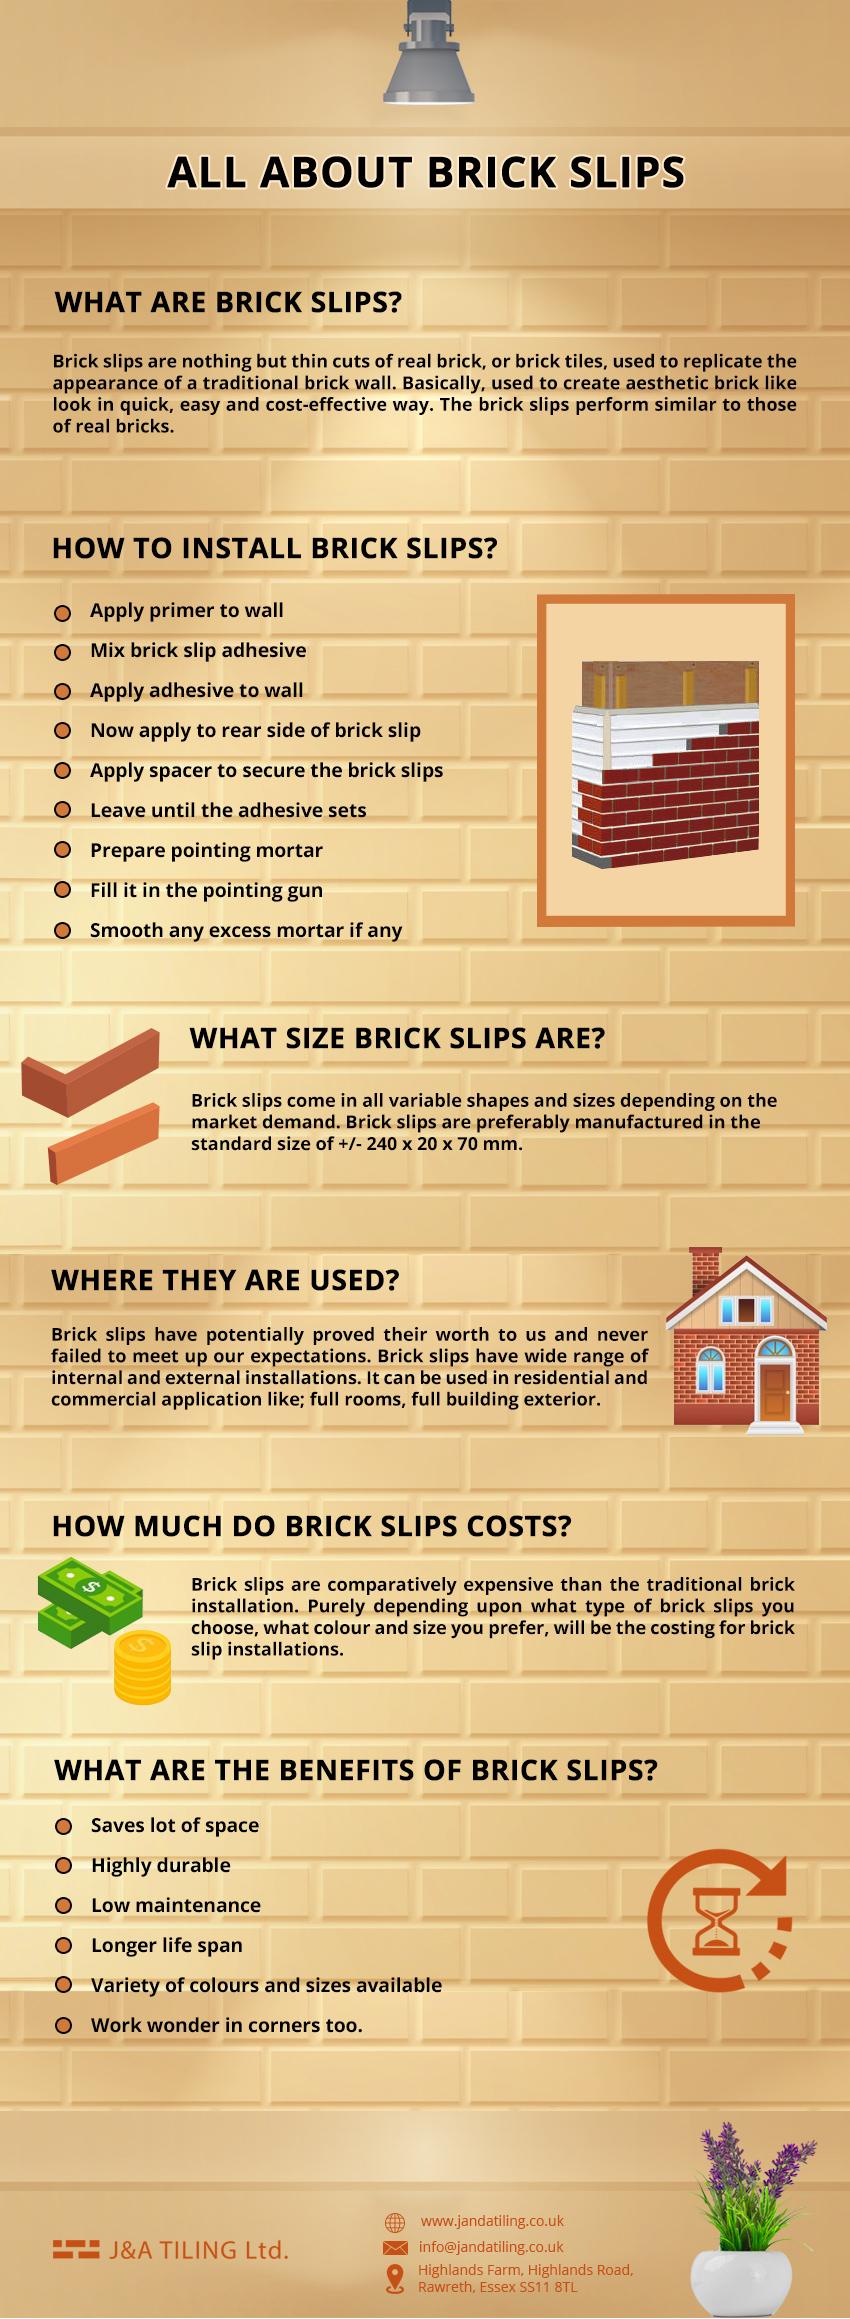 what are brick slips